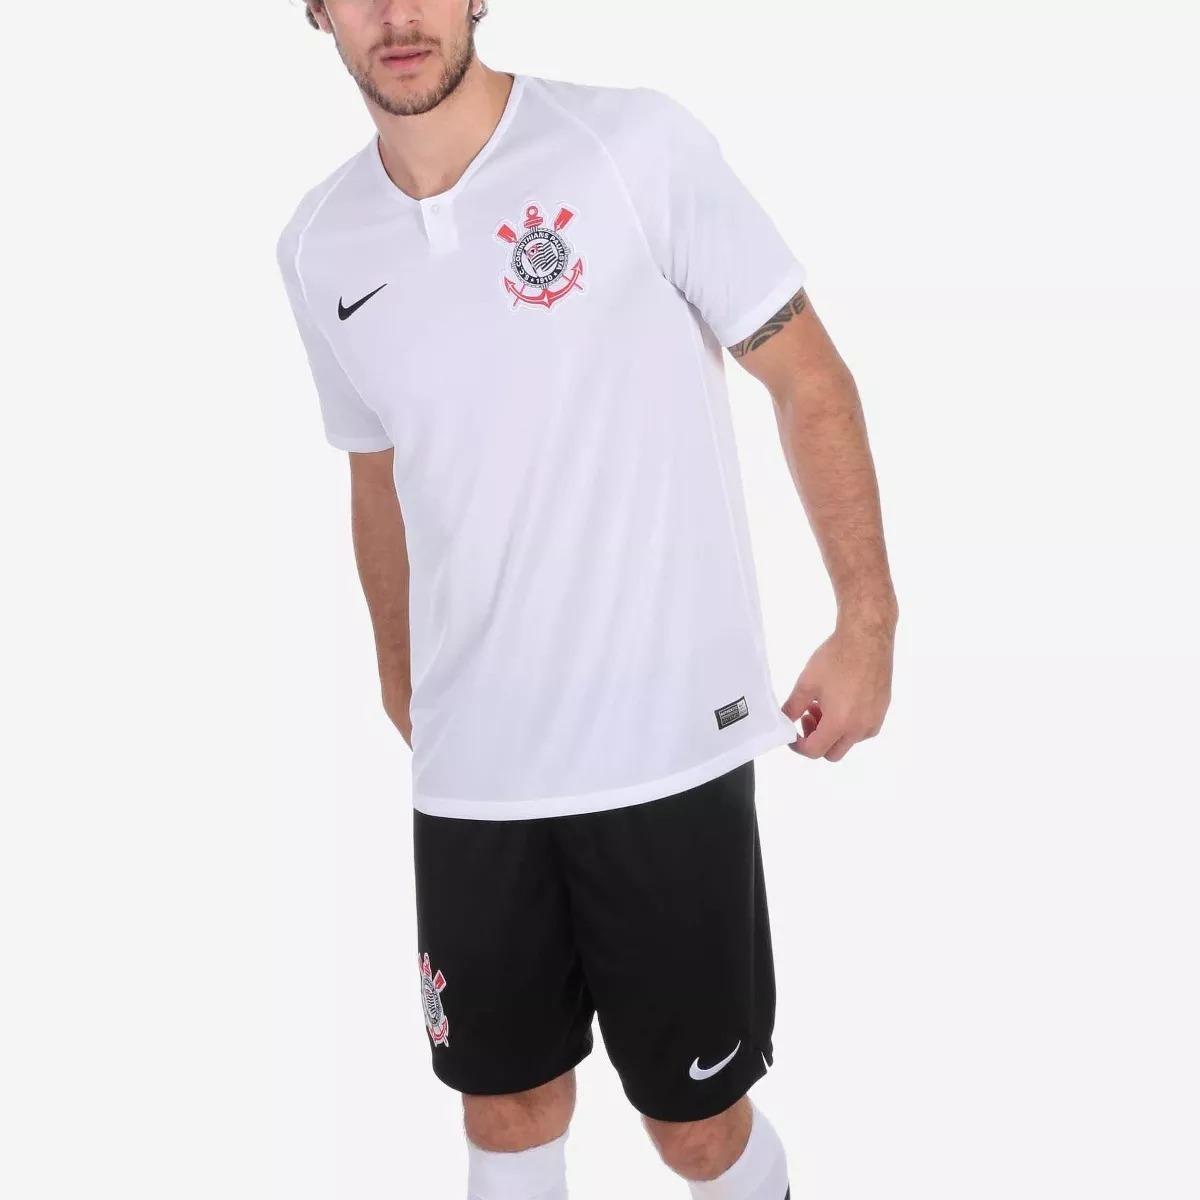 a67a6b34be857 nova camisa corinthians preta 2018 original - super promoção. Carregando  zoom.